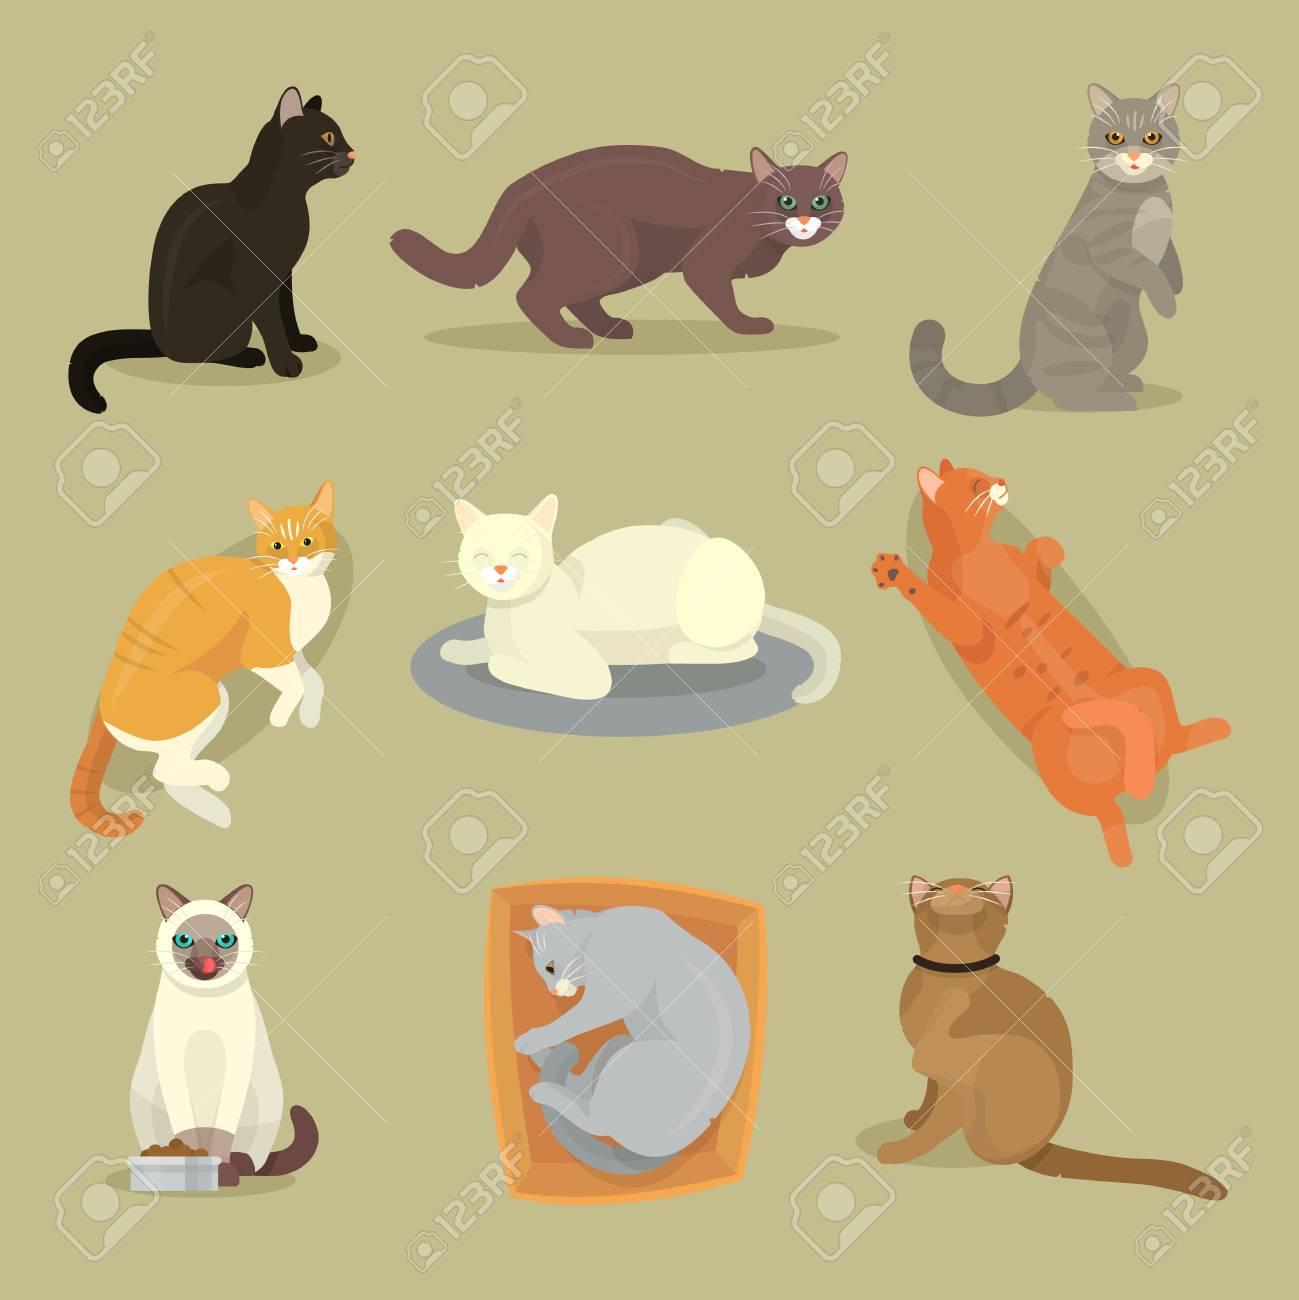 Différentes Races De Chats Mignons Kitty Animal De Compagnie Dessin Animé  Mignon Jeu D'illustration De Caractère Animal. Mammifère Ami Humain Chat avec Jeux De Dessin De Chat